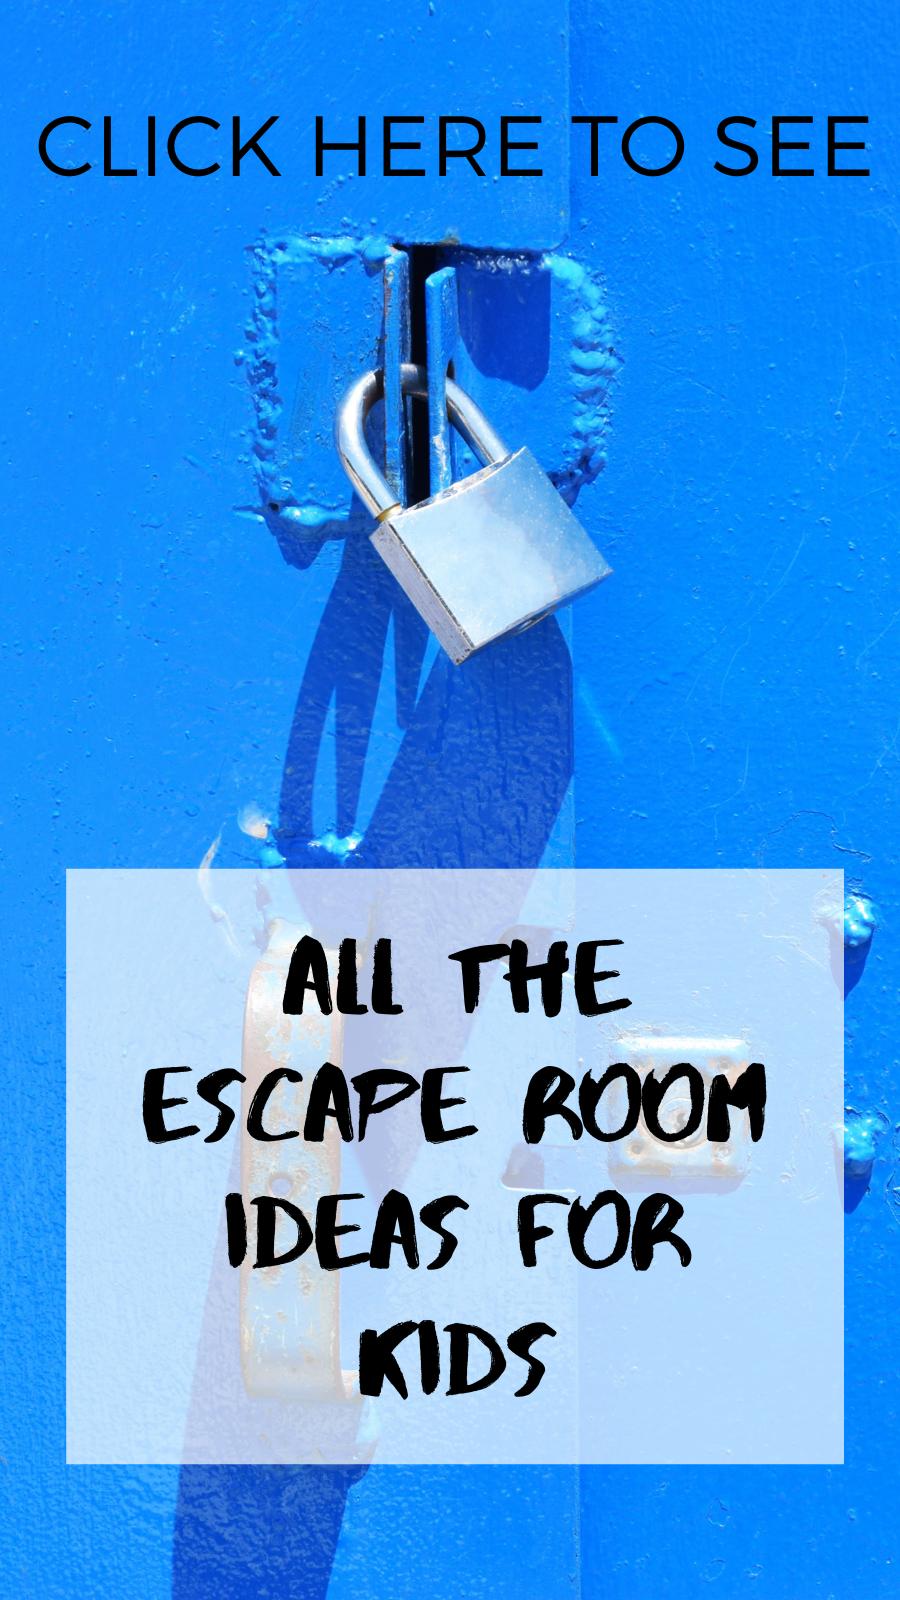 Machen Sie Ihre Eigene Flucht Room Challenge Fur Kinder Escape Room Challenge Escape Room For Kids Escape Room Diy